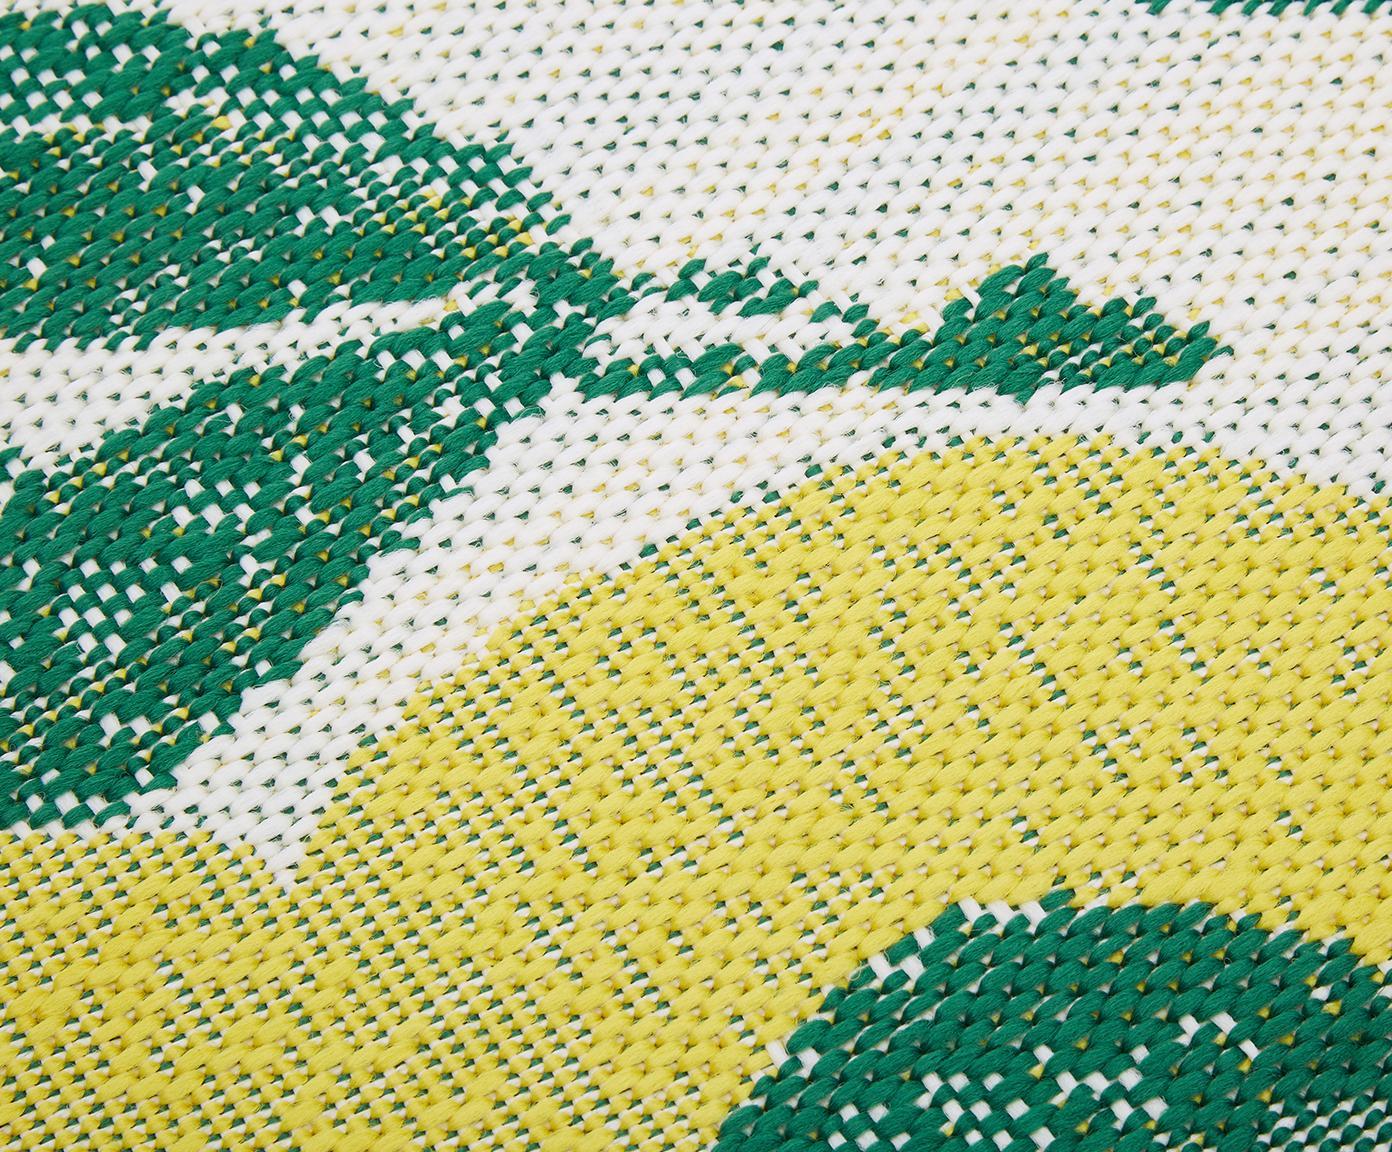 In- & Outdoor-Teppich Limonia mit Zitronen Print, Flor: 100% Polypropylen, Cremeweiß, Gelb, Grün, B 200 x L 290 cm (Größe L)